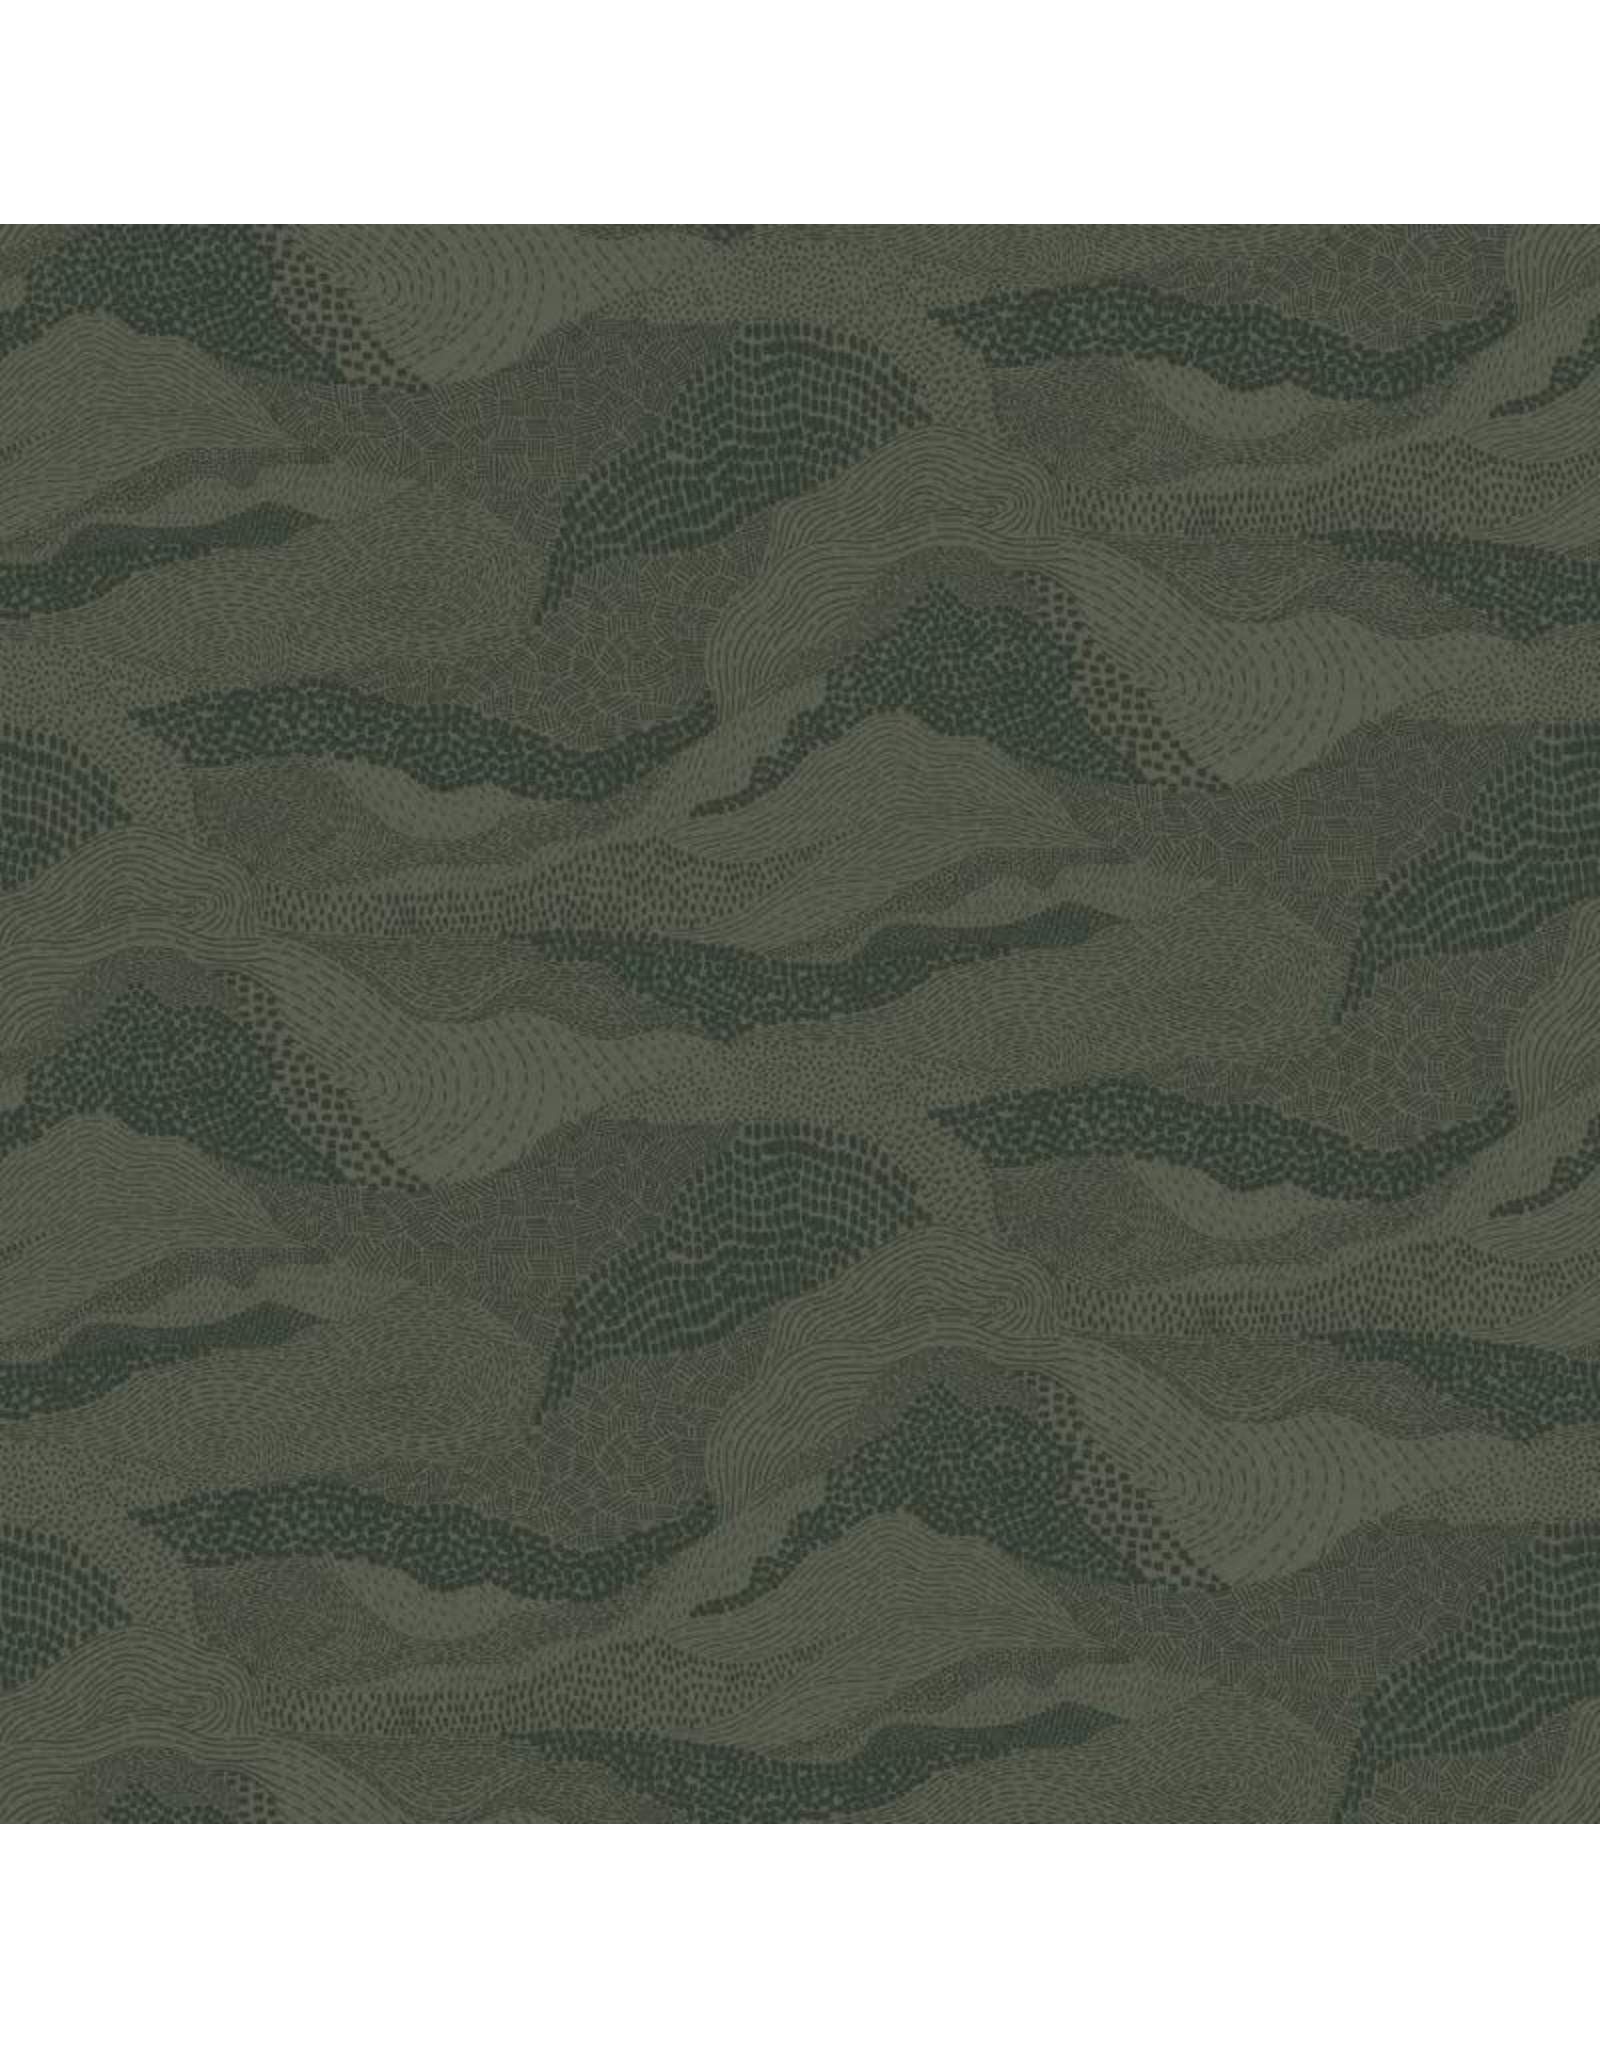 Figo Elements, Earth in Green, Fabric Half-Yards